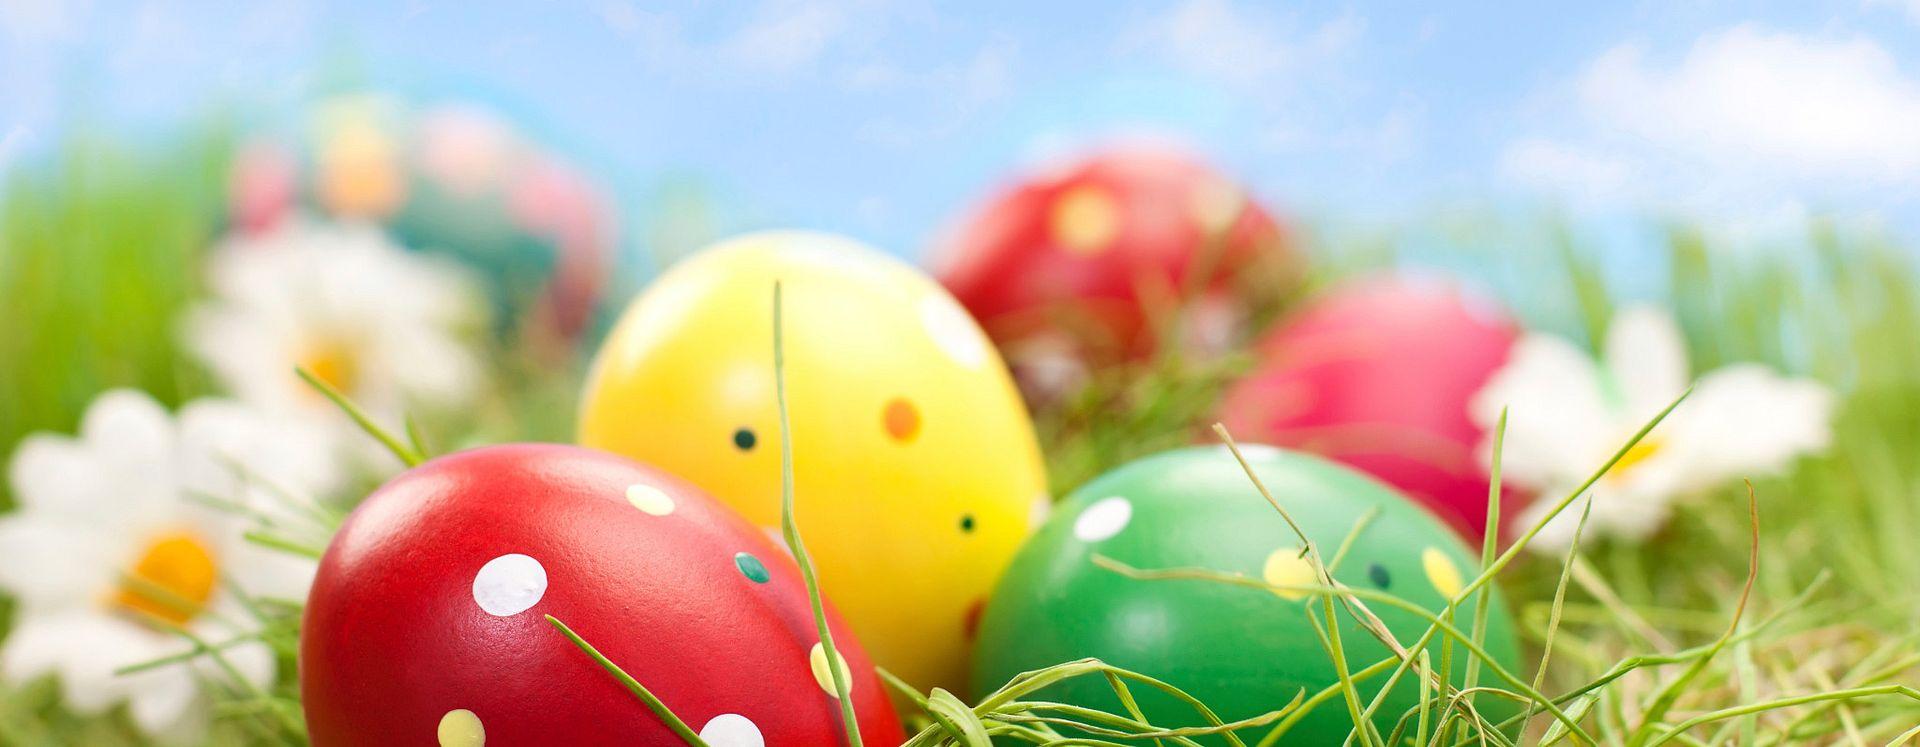 Caça aos Ovos de Páscoa